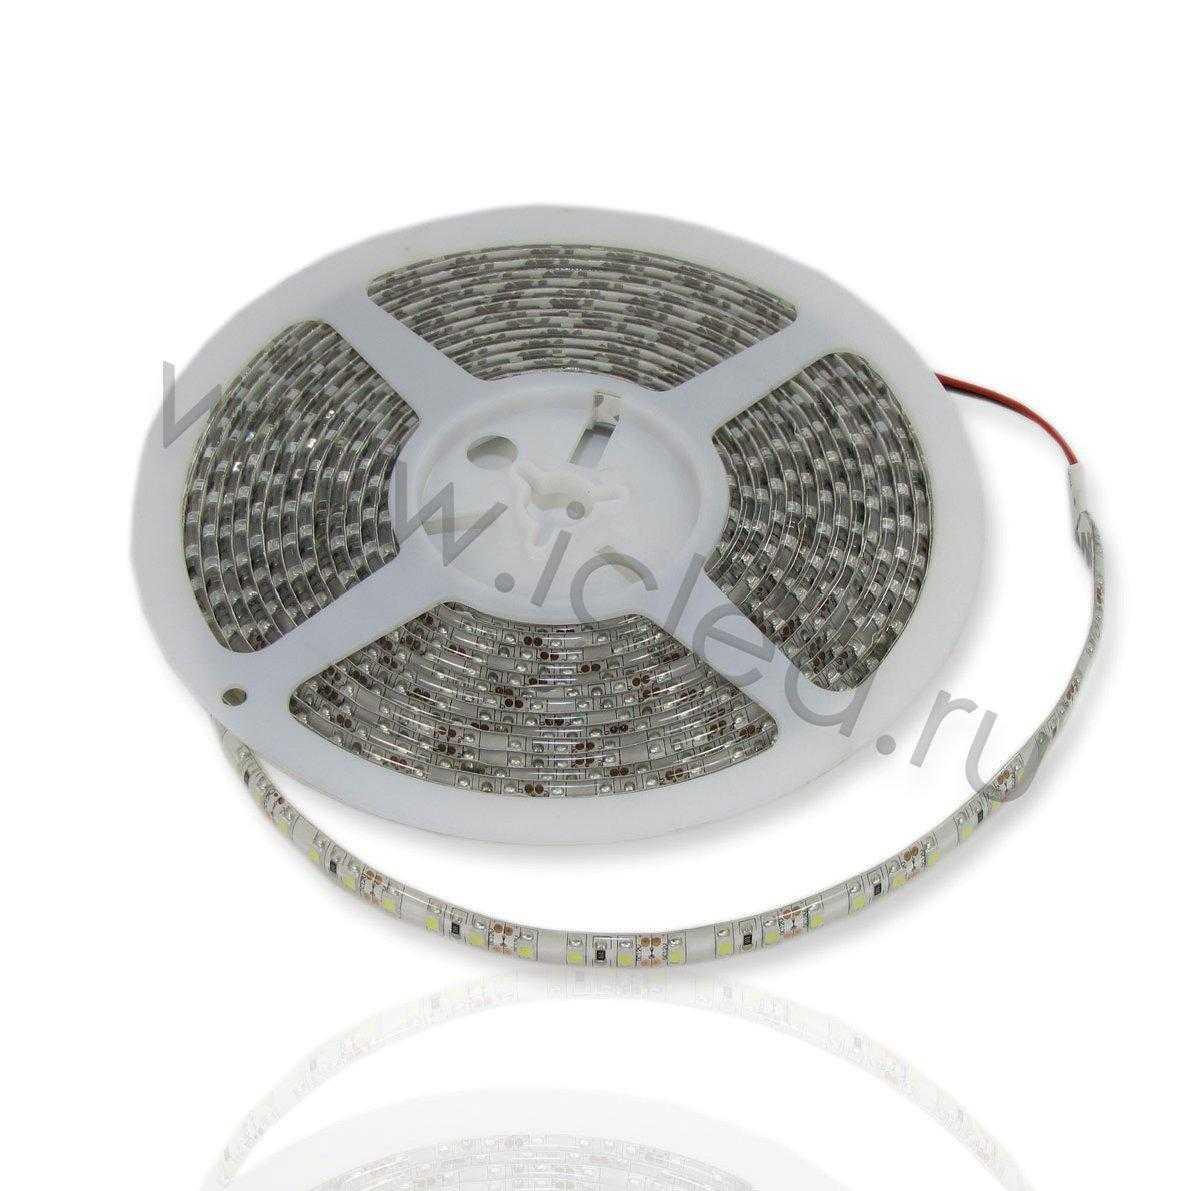 Светодиодная лента Class High, 3528, 120 led/m, White, 12V, IP65